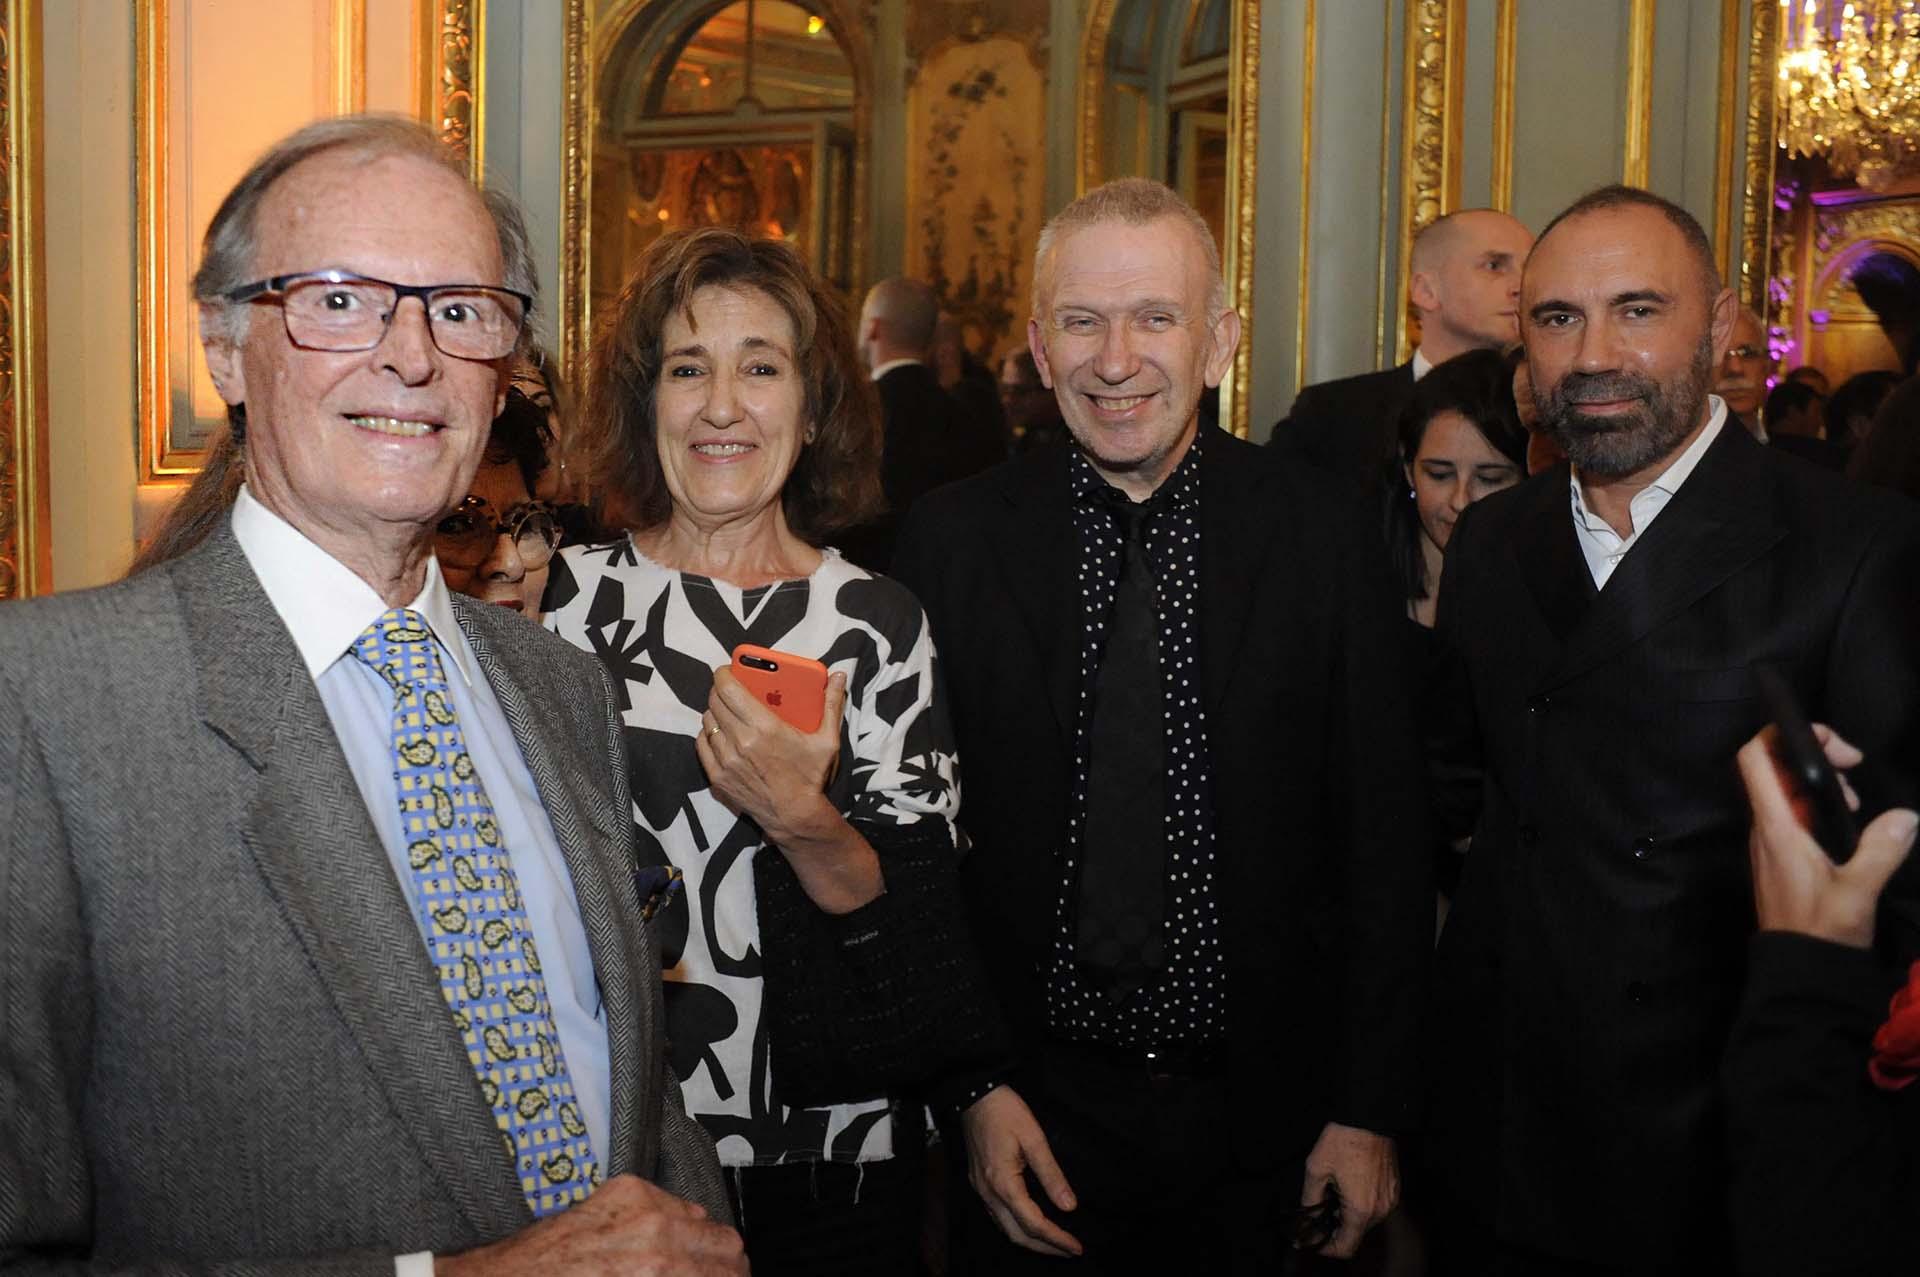 La presencia de Jean Paul Gaultier en Argentina es resultado de gestiones realizadas por la Embajada de Francia, el Institut Français d'Argentine, la Maison Jean Paul Gaultier, el Sistema Federal de Medios y el Museo de Bellas Artes de Montréal